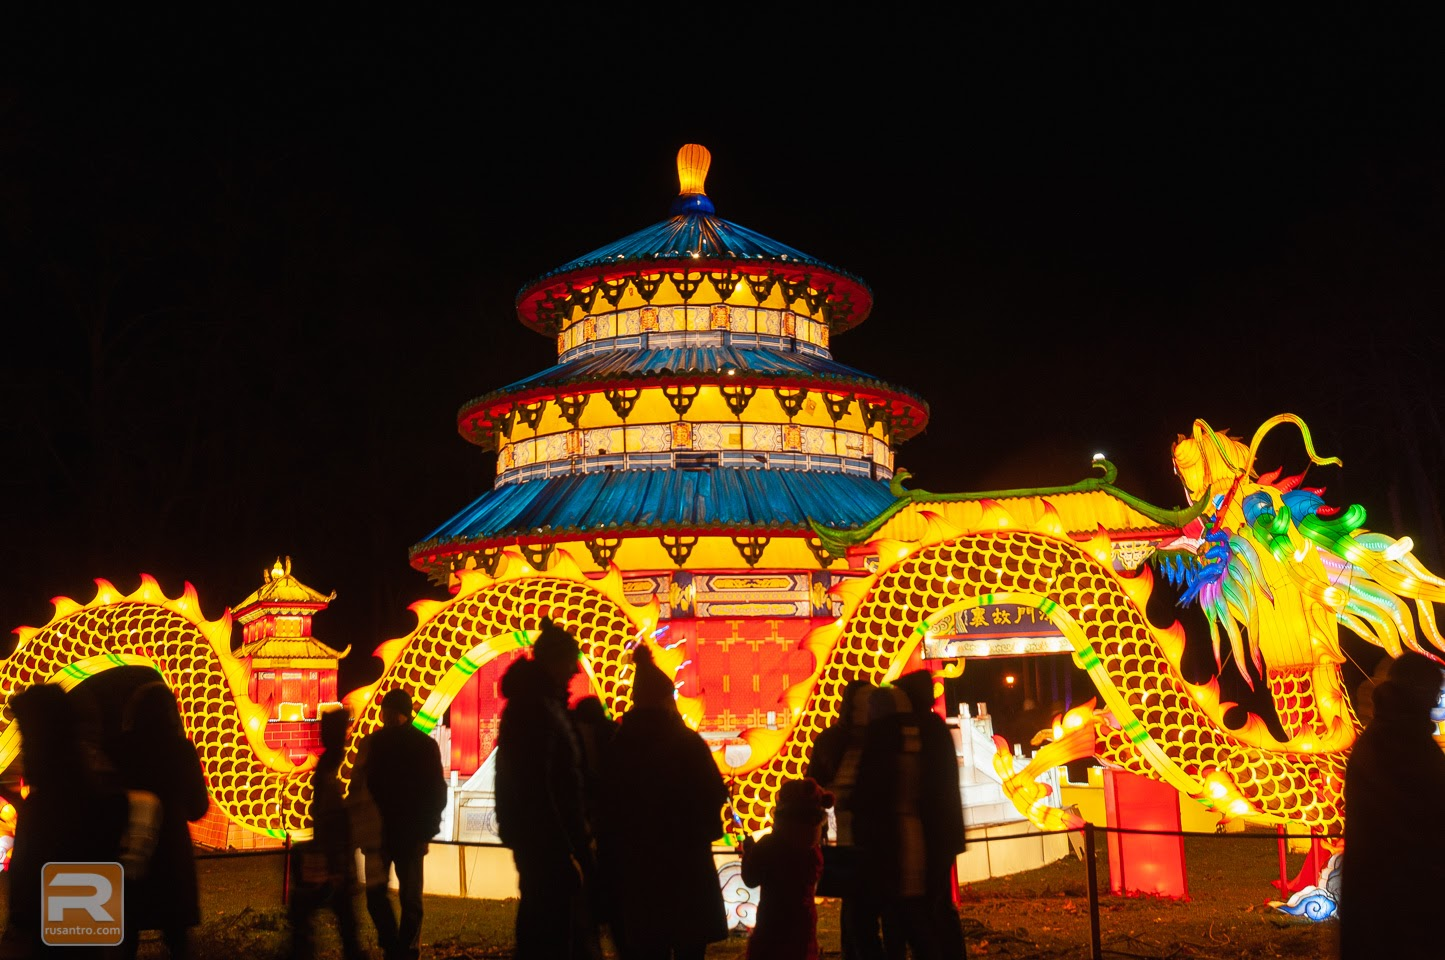 Lielās Ķīnas laternas: Visuma zīmes - 32